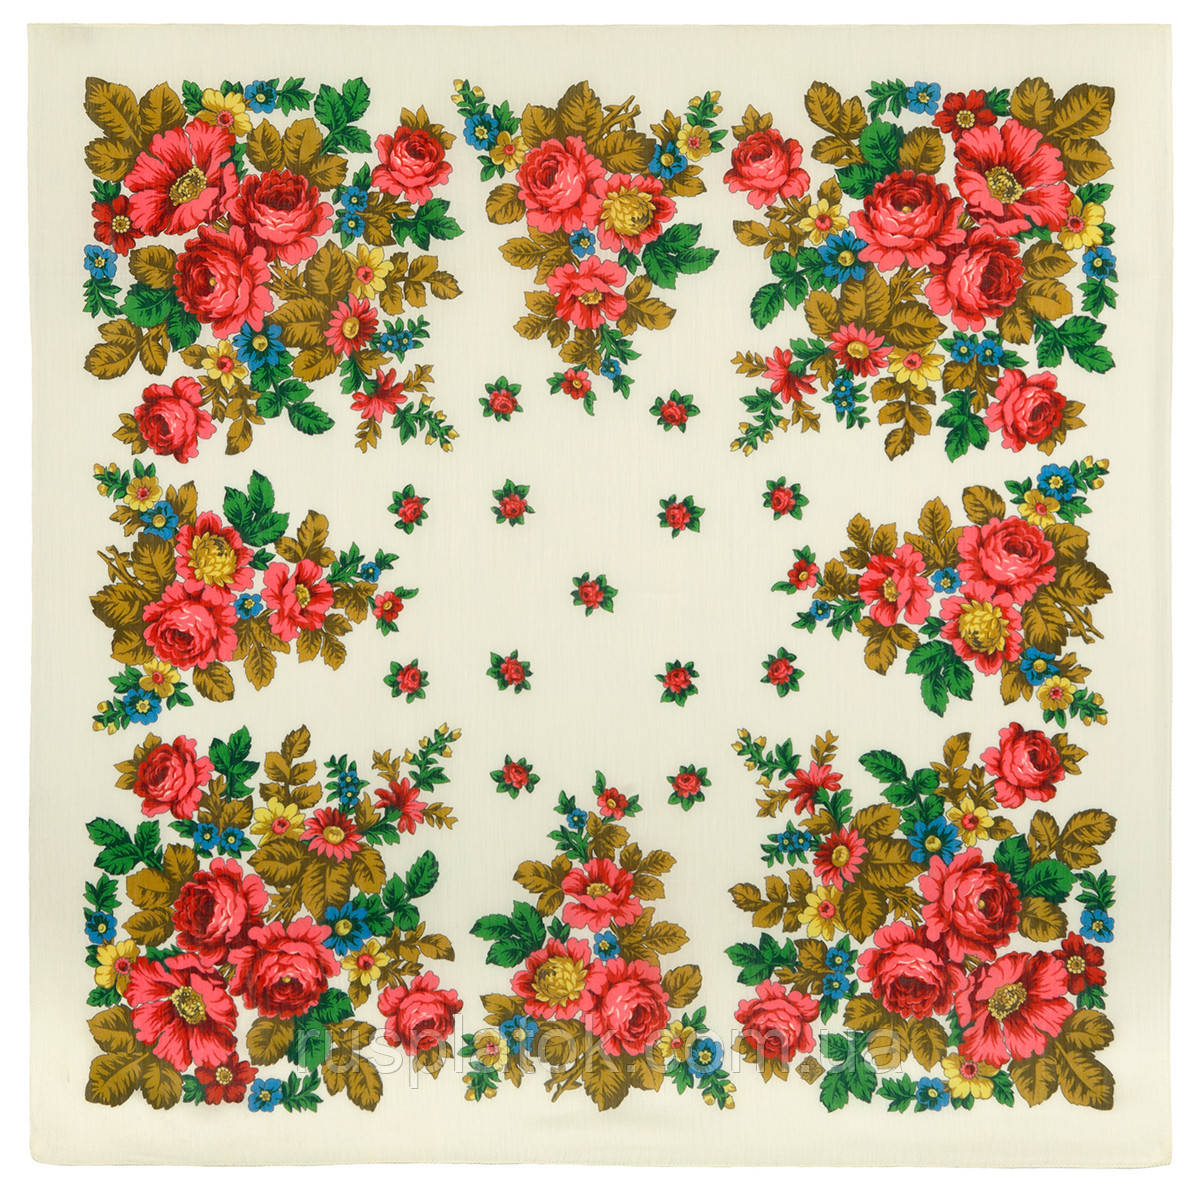 Солнечная тропинка 1847-0, павлопосадский платок шерстяной (разреженная шерсть) с швом зиг-заг